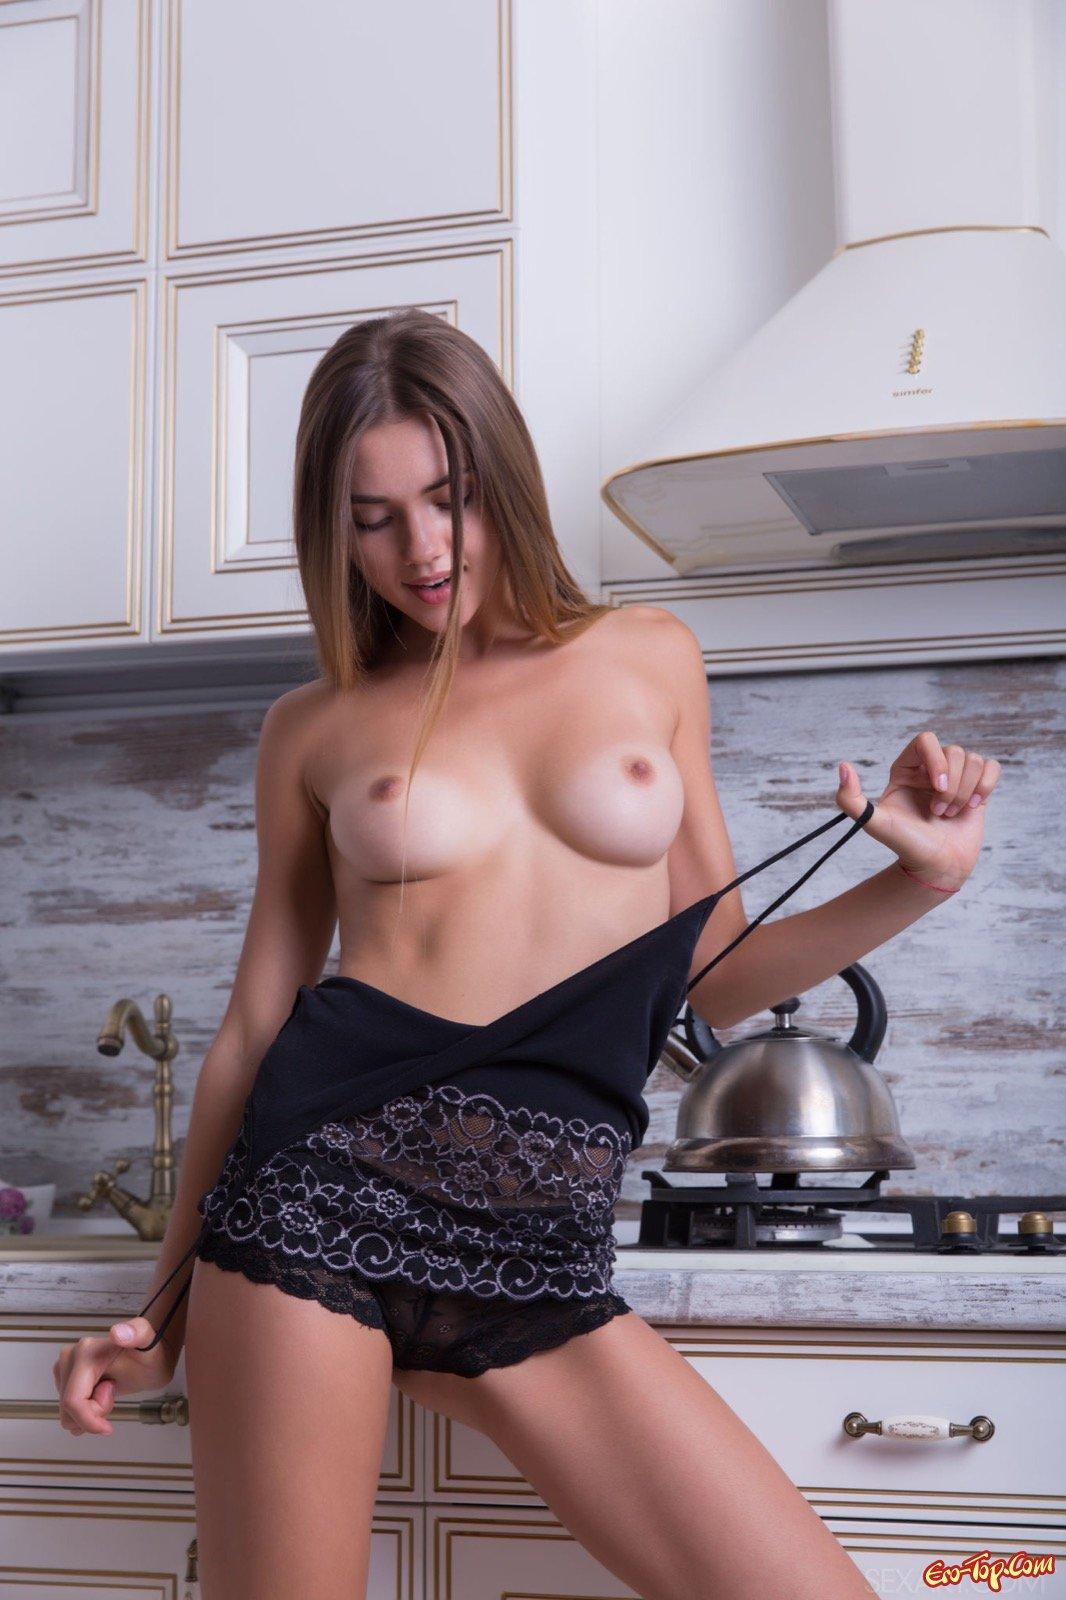 Девушка показала сиськи на кухне